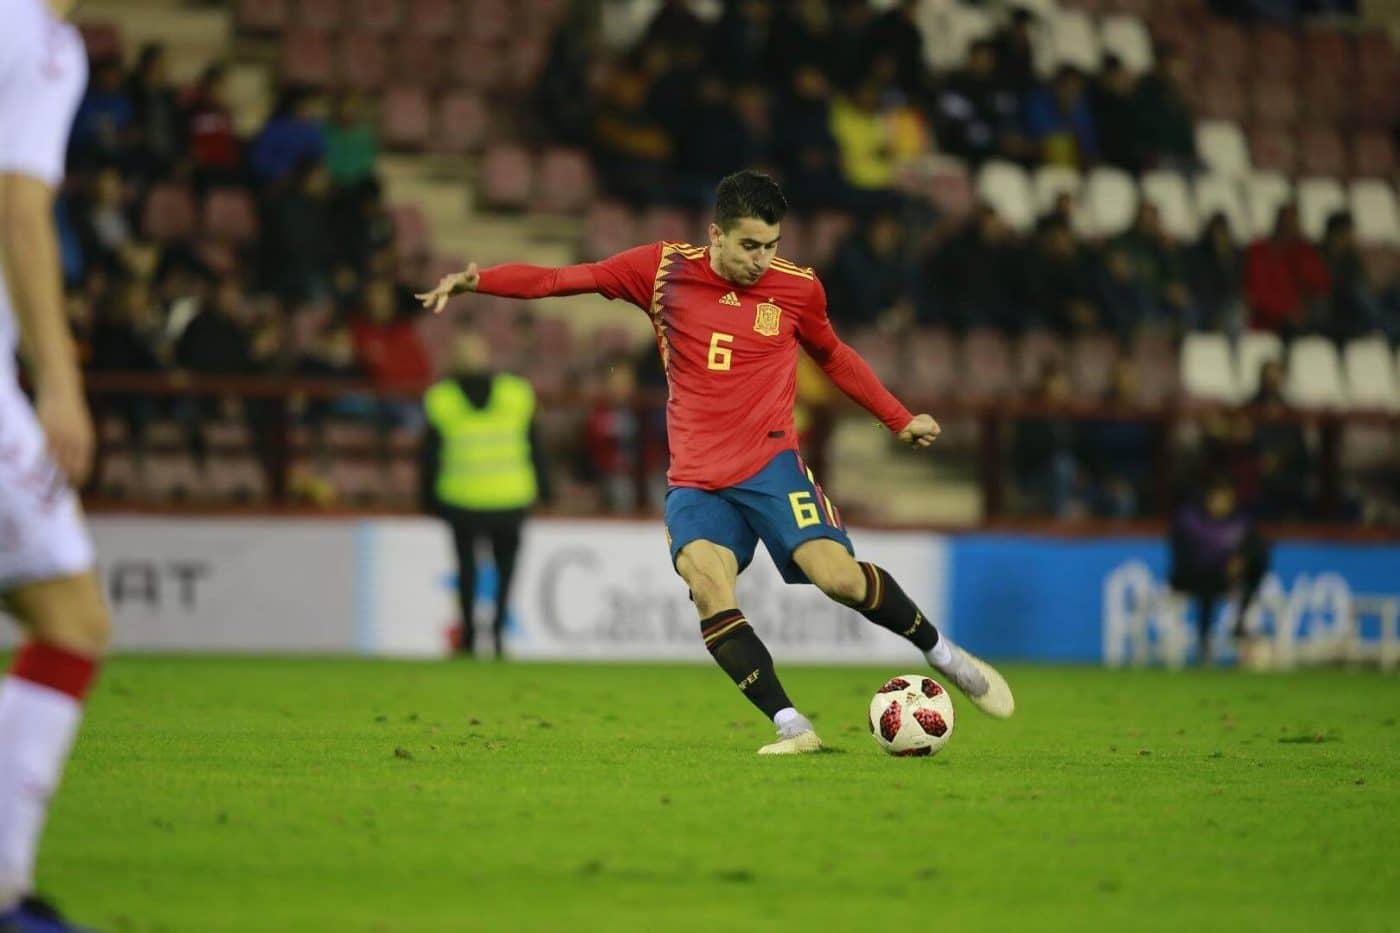 La Sub-21 de Luis de la Fuente remonta y golea en Las Gaunas 30